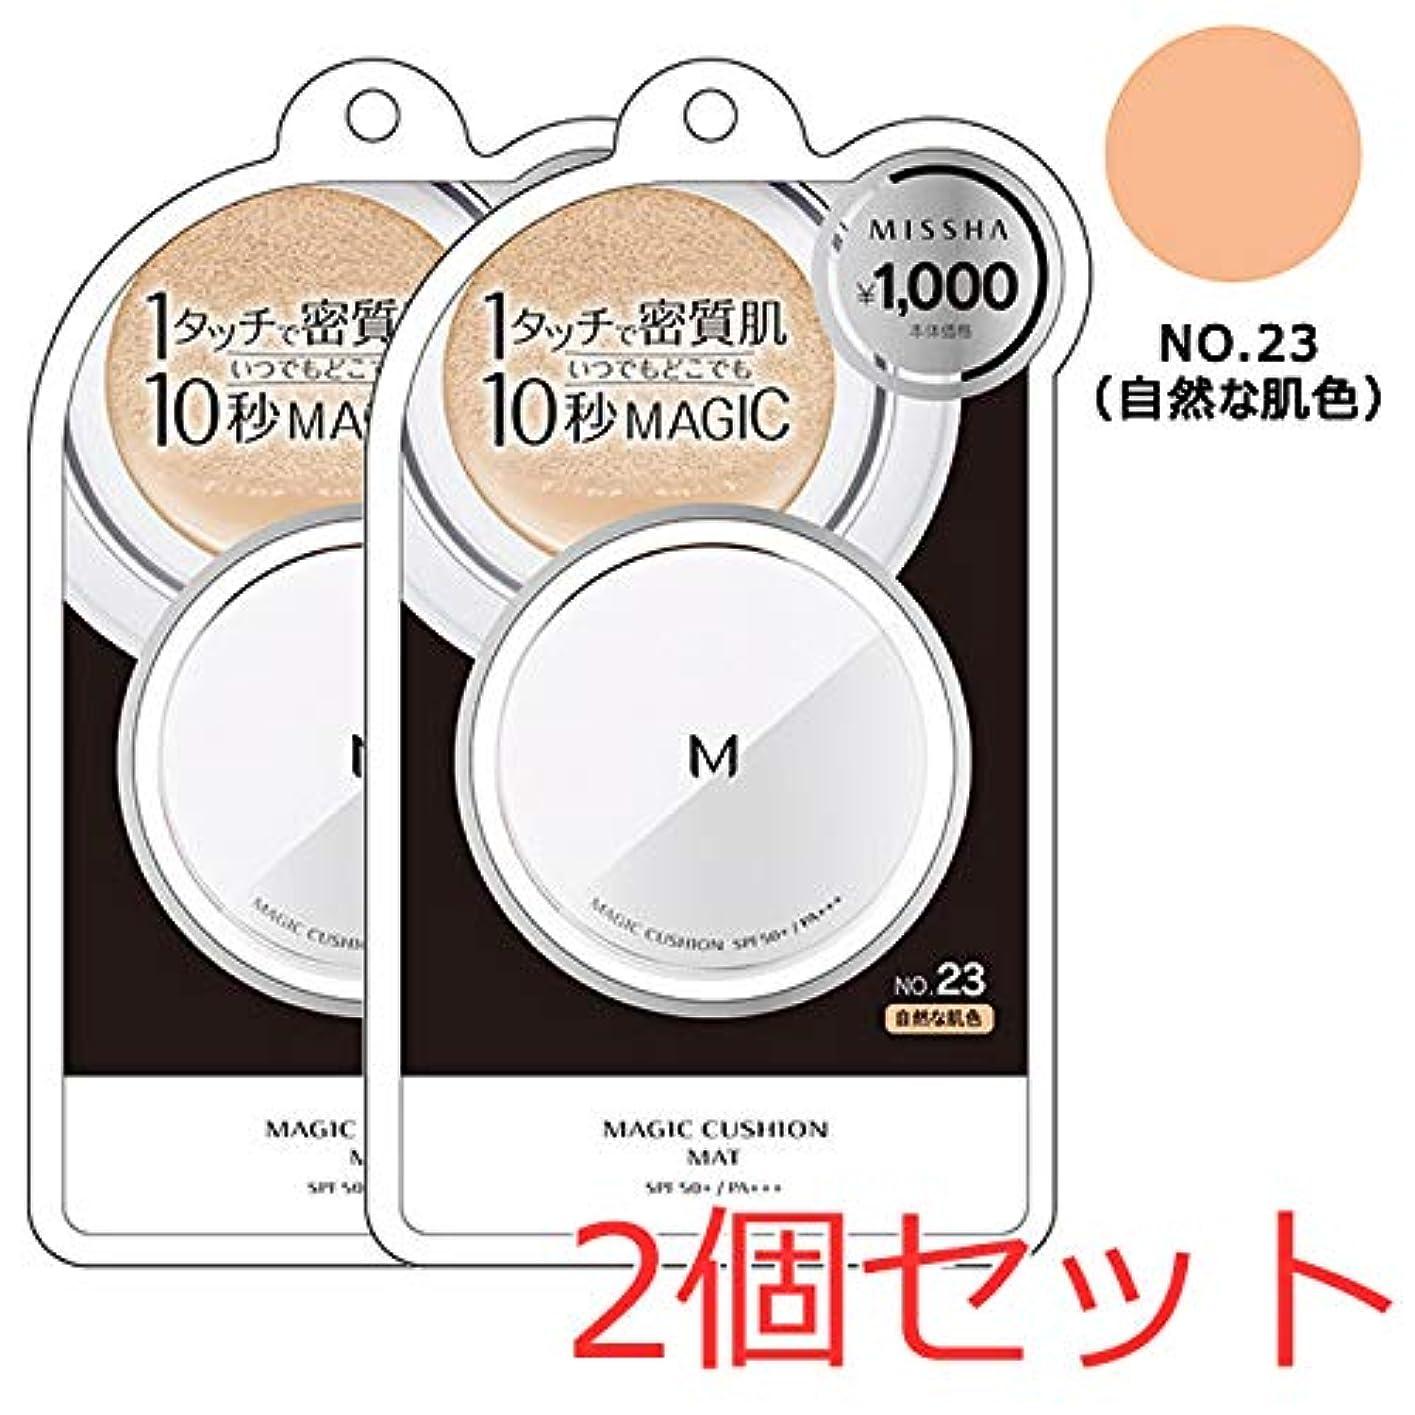 私のスモッグ上にミシャ M クッション ファンデーション (マット) No.23 自然な肌色 2個セット